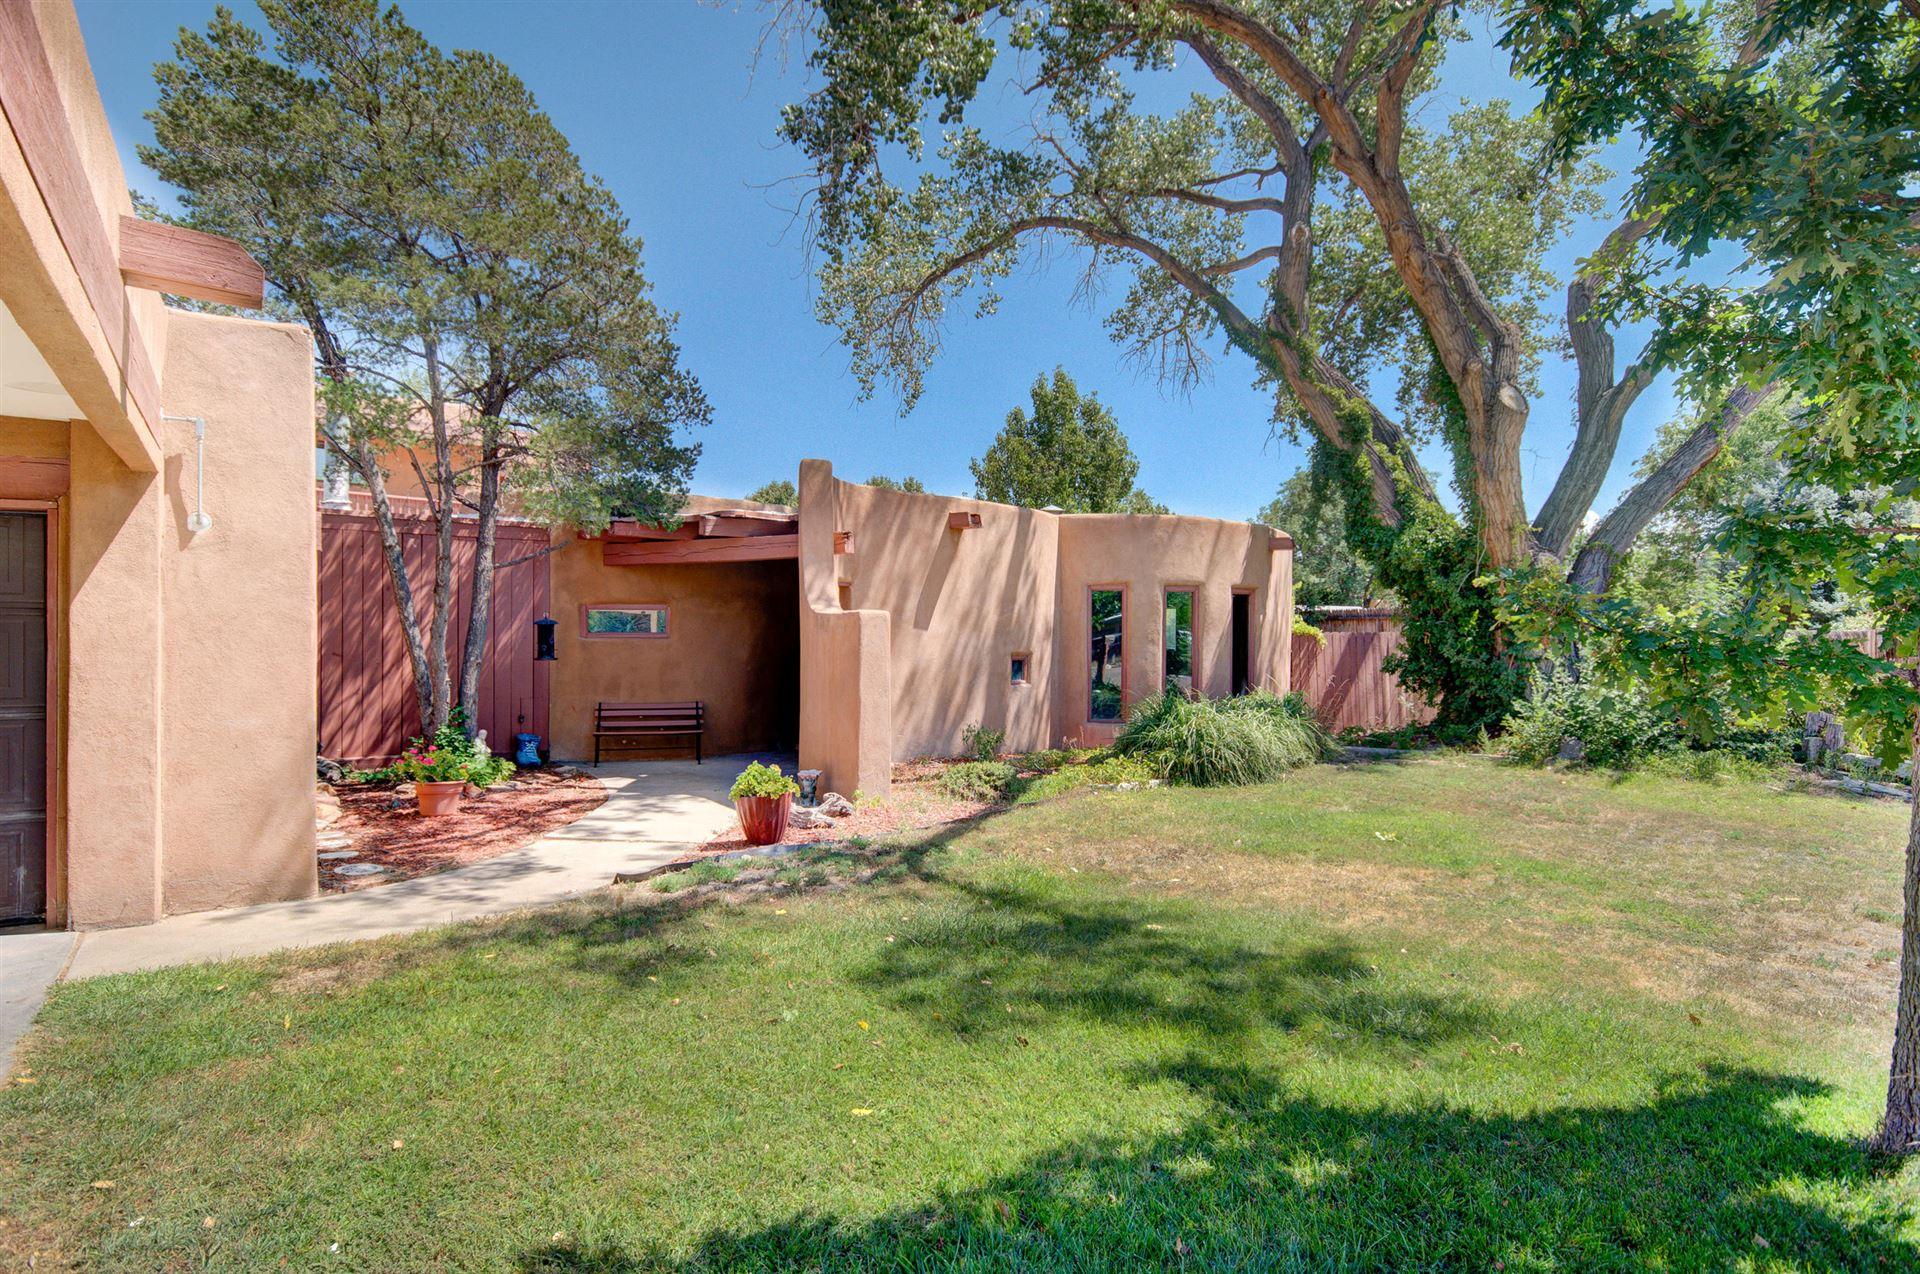 3212 Calle De Estella NW, Albuquerque, NM 87104 - #: 976717